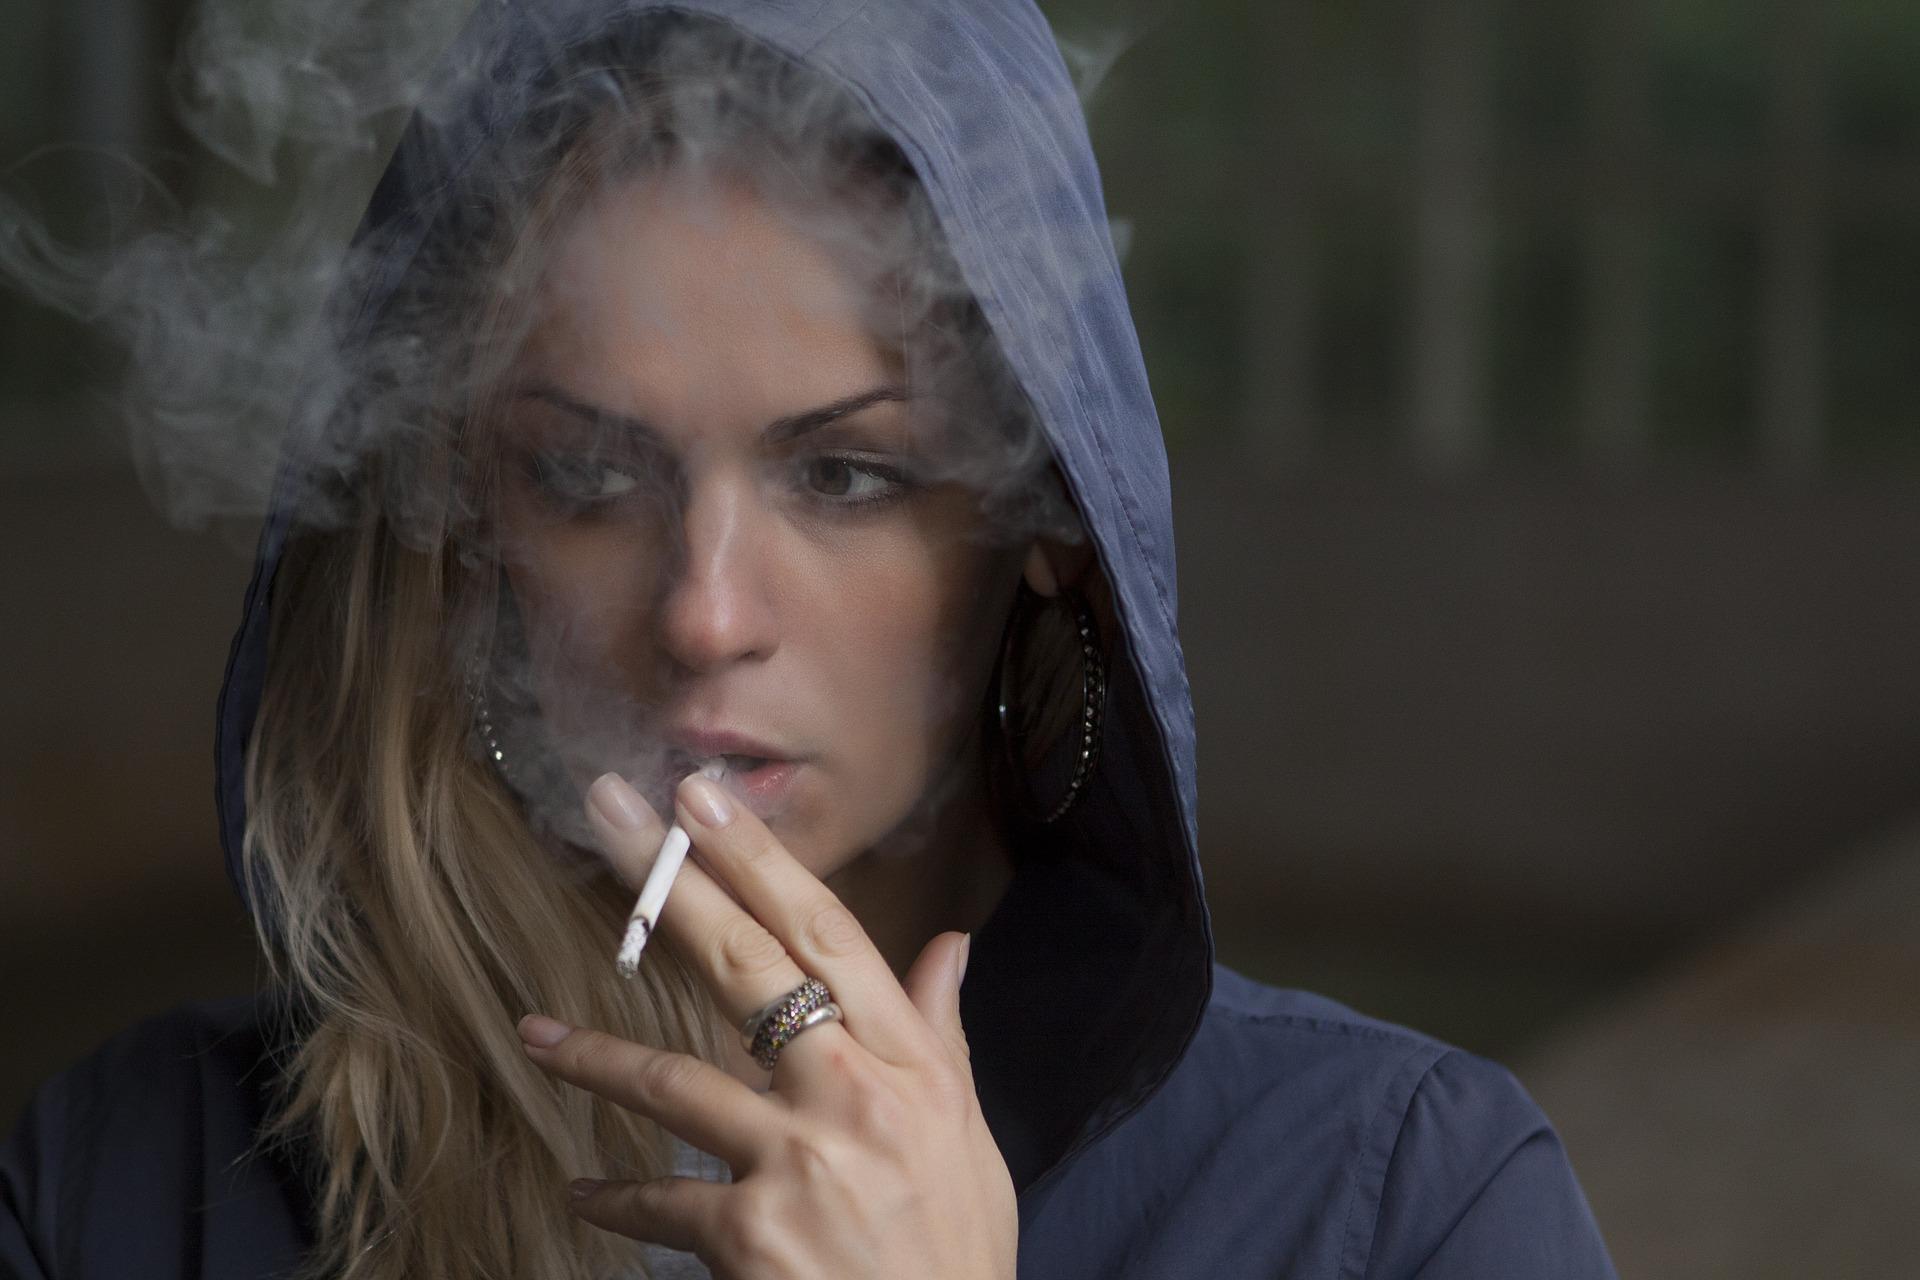 imagen sobre el tabaco y sus efectos